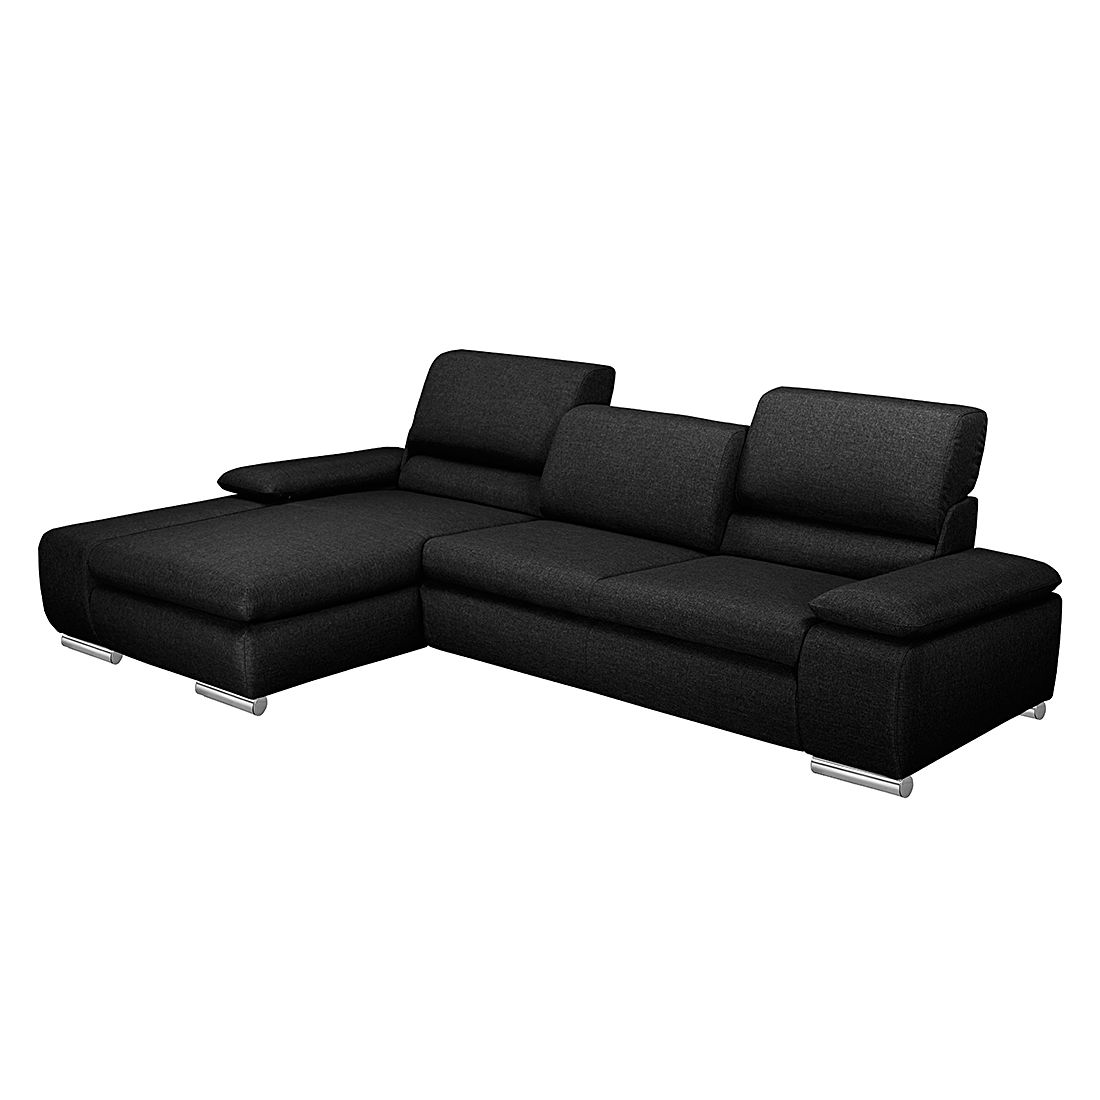 Ecksofa Masca – Webstoff Schwarz – Longchair davorstehend links – Mit Schlaffunktion, loftscape jetzt bestellen